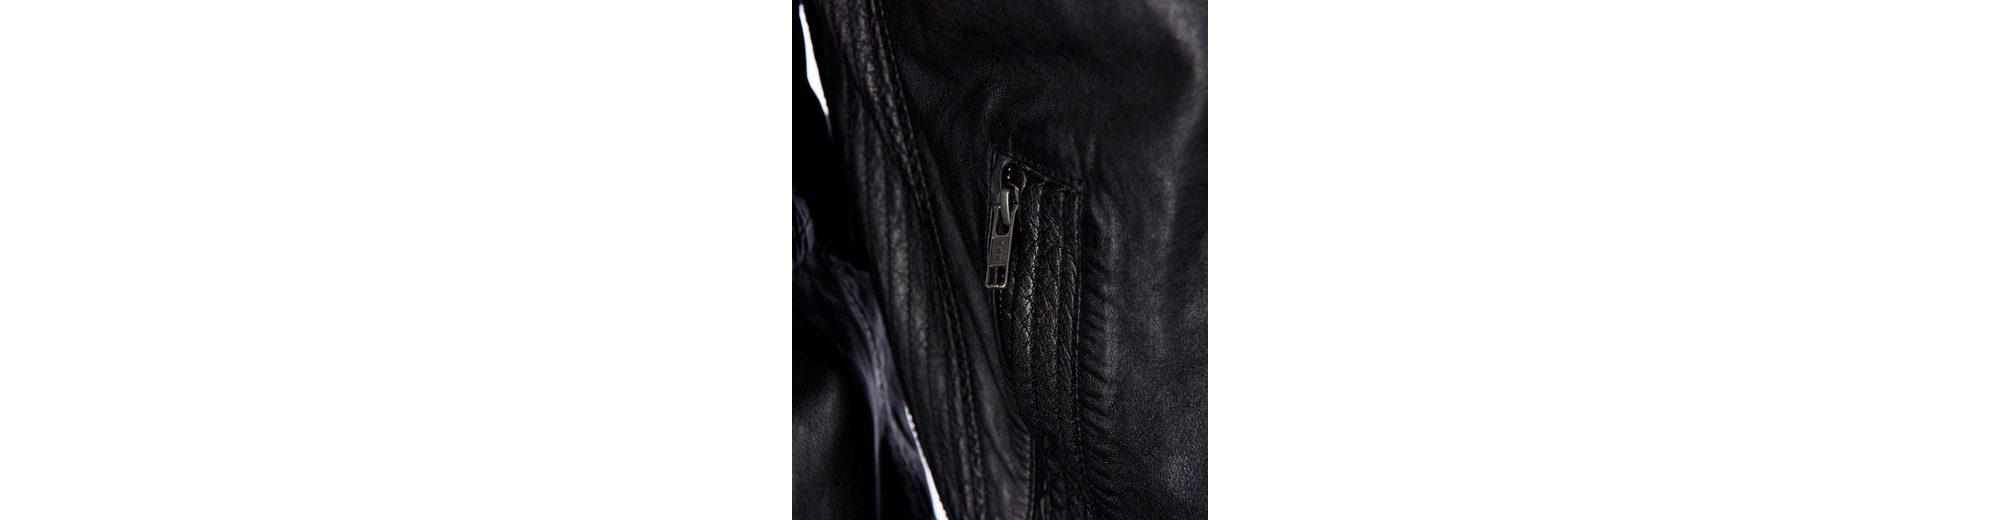 Auslass Günstiger Preis Freies Verschiffen Wählen Eine Beste JCC Lederjacke mit warmem Polyesterfutter Seatel Spielraum Mit Kreditkarte a8VuIBiYh